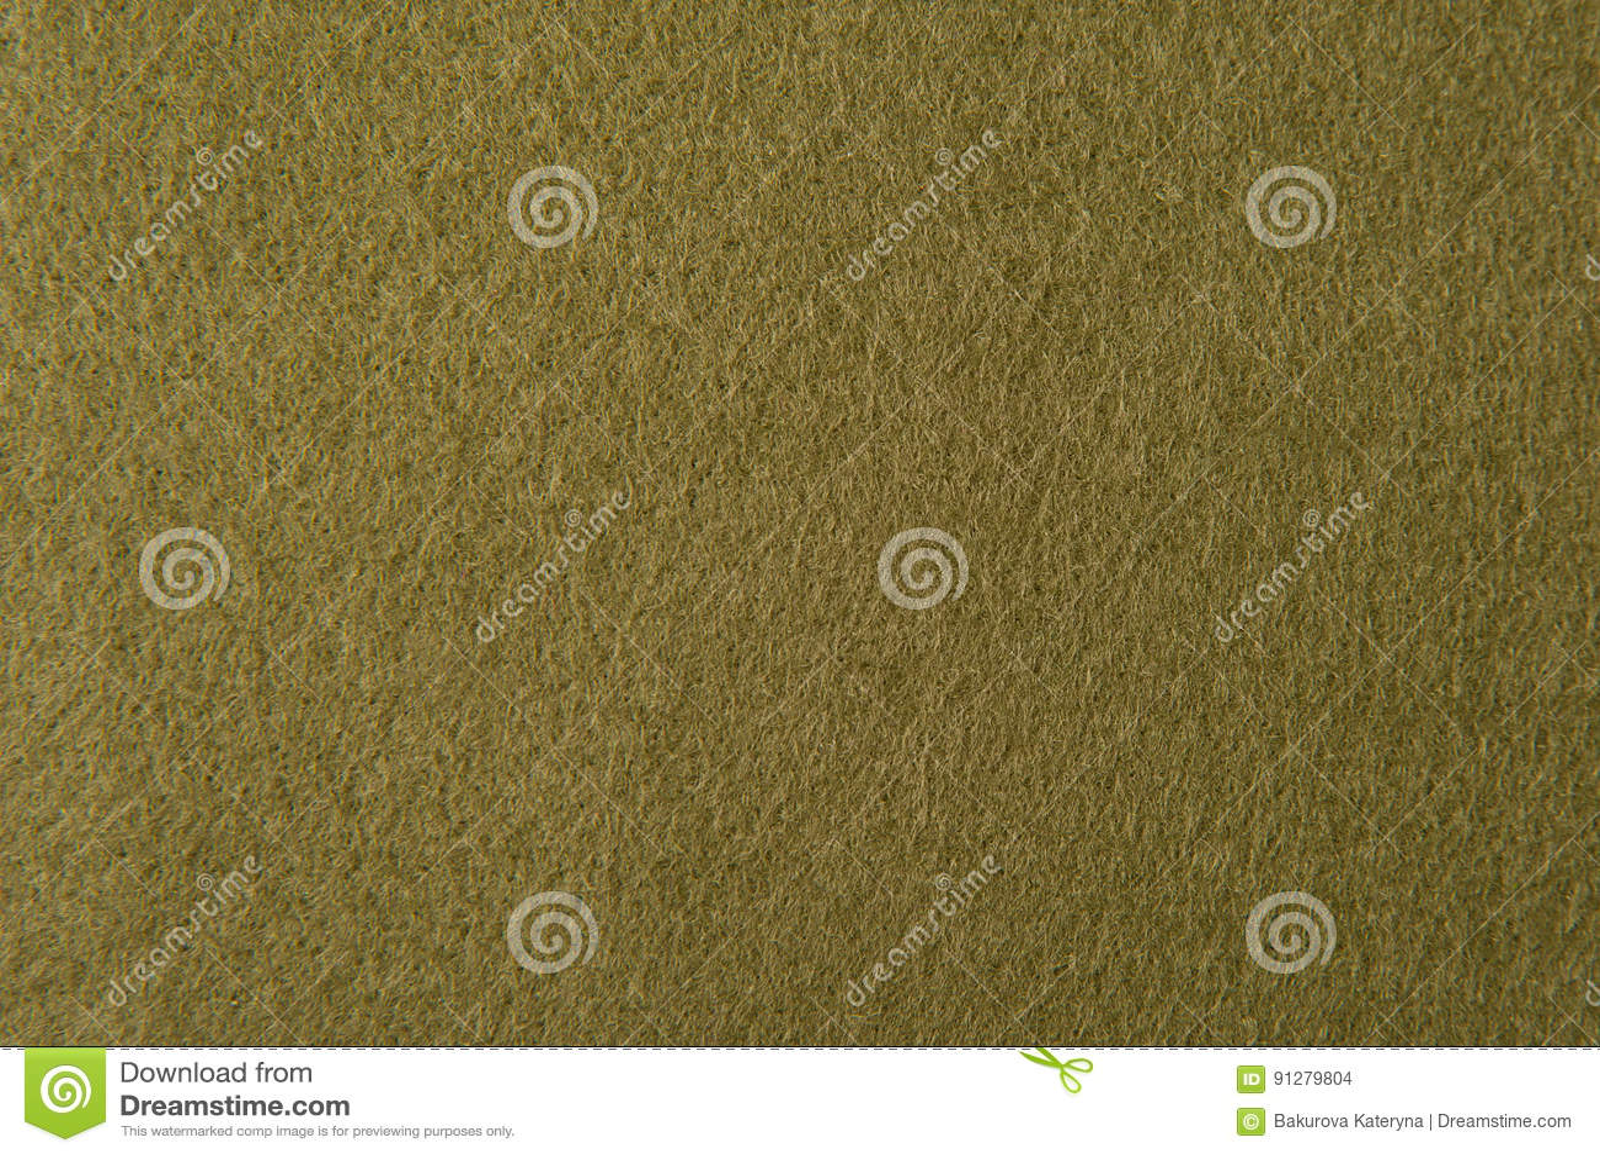 Textur av olivgrön filt